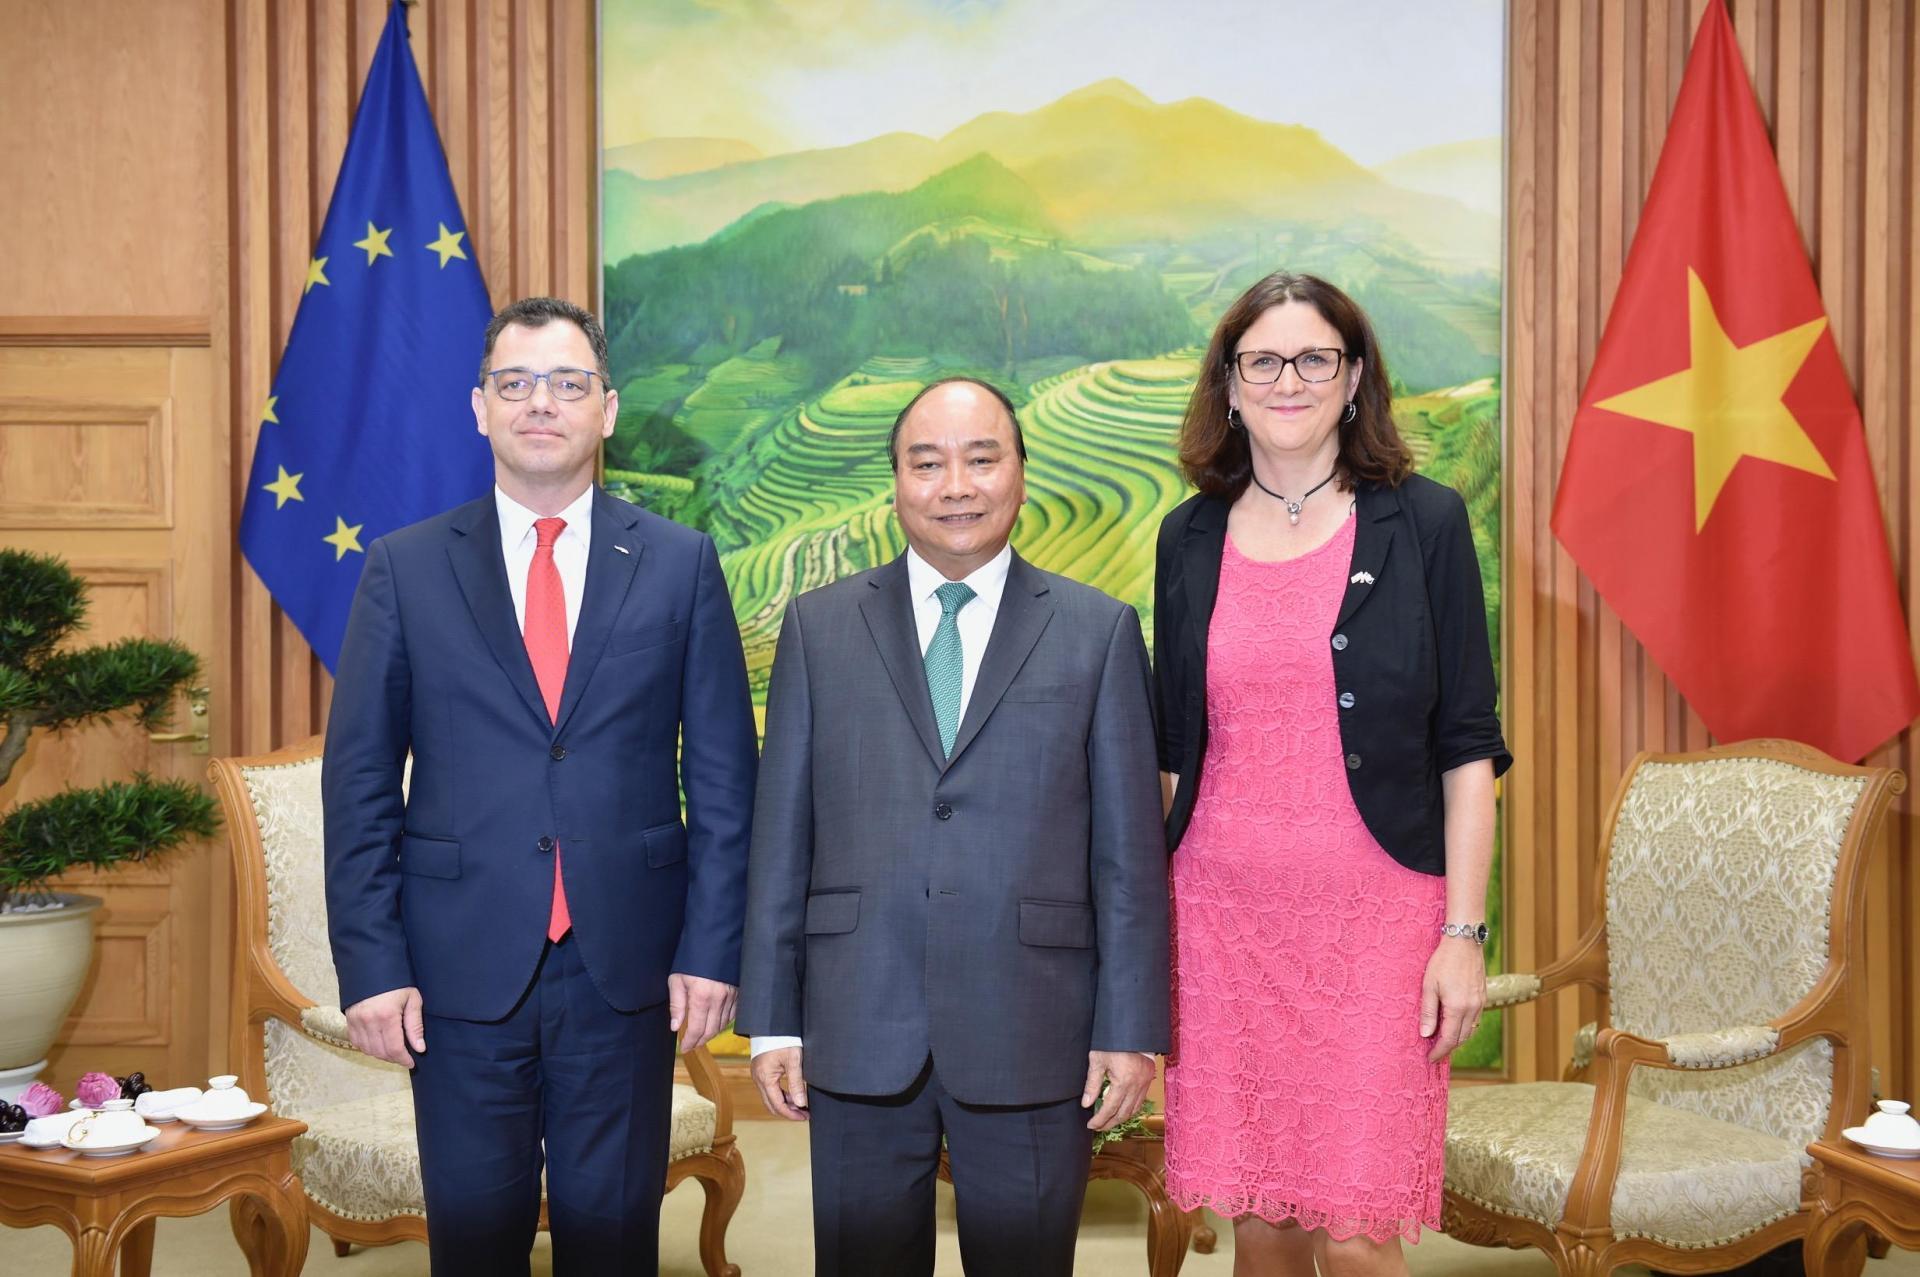 Thủ tướng Nguyễn Xuân Phúc tiếp Bộ trưởng Bộ Môi trường kinh doanh, Thương mại và doanh nghiệp Romania, Đại diện Hội đồng EU Stefan-Radu Oprea và bà Cecilia Malmstrom, Cao uỷ Thương mại EU.